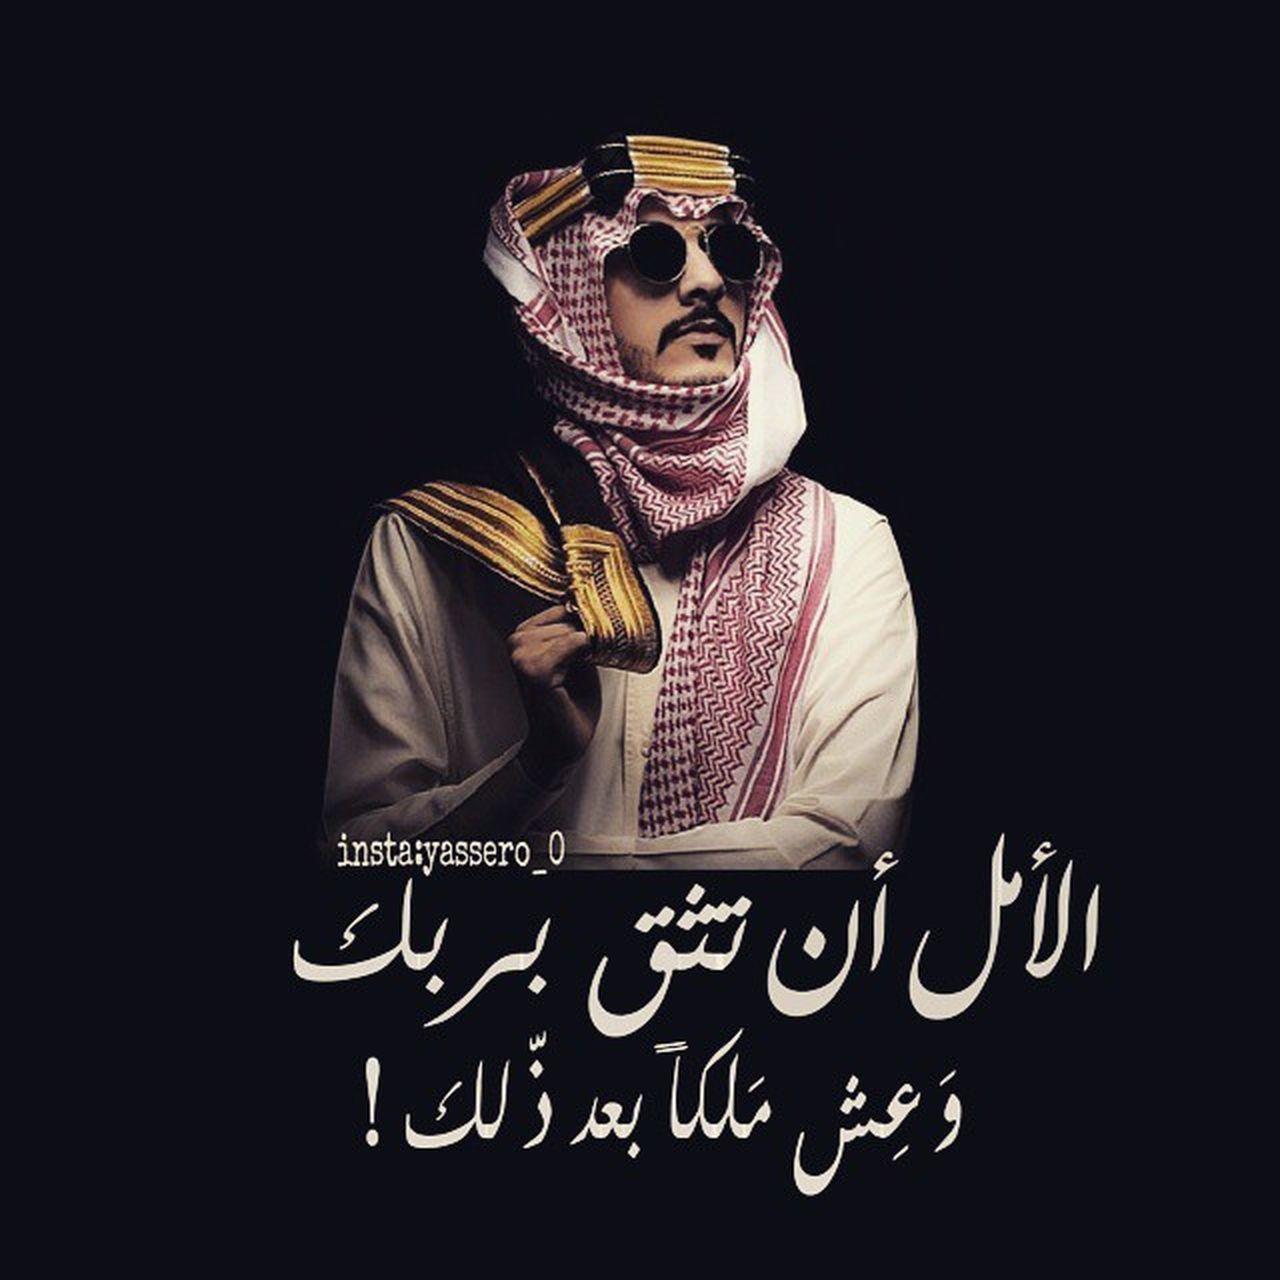 تصميمي صباح_الخير Riyadh Riyadh KSA In Riyadh Open Edit Saudi Arabia تصاميم ياسر العضيله